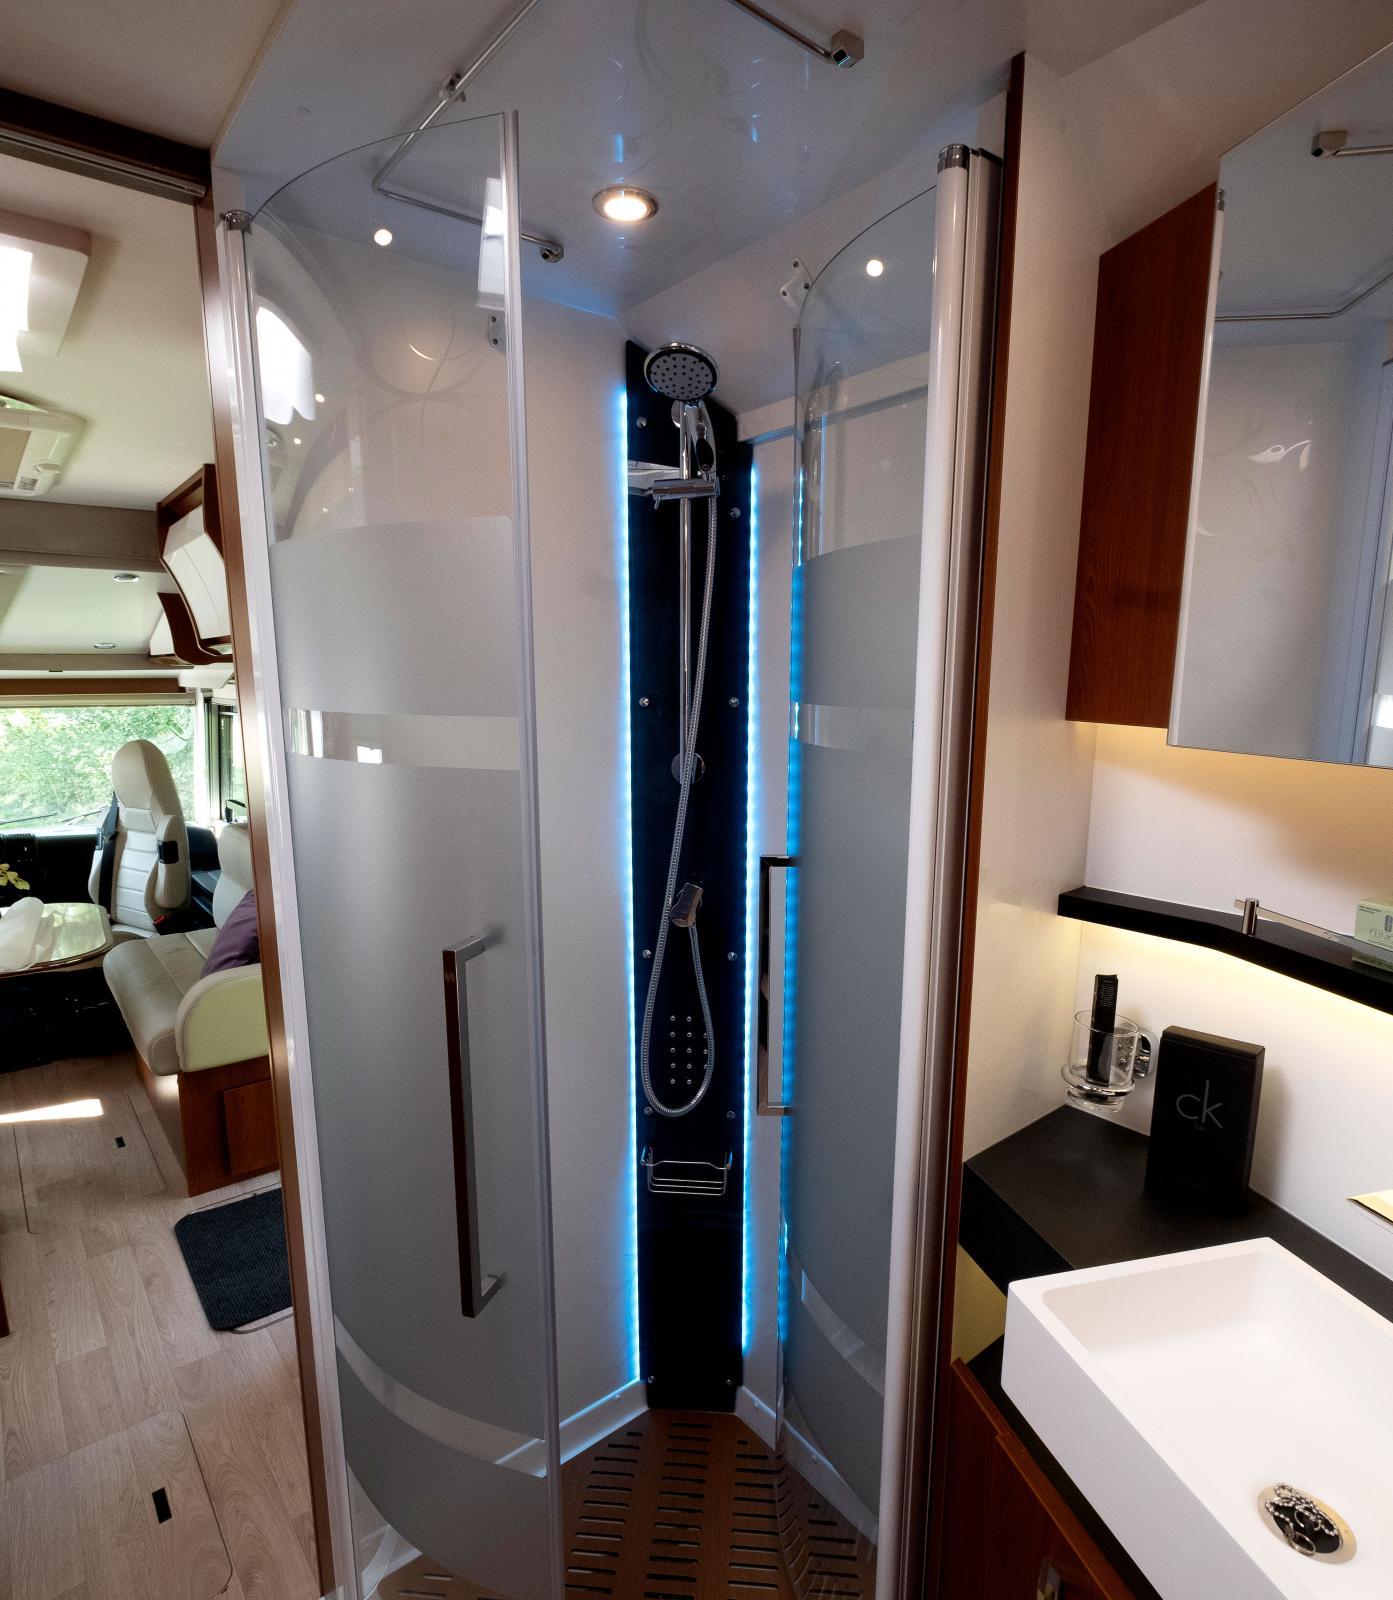 Duschkabinen är placerad jämte handfatet på bilens högra sida. Trätrall på duschgolvet och handduksstång i duschens tak.